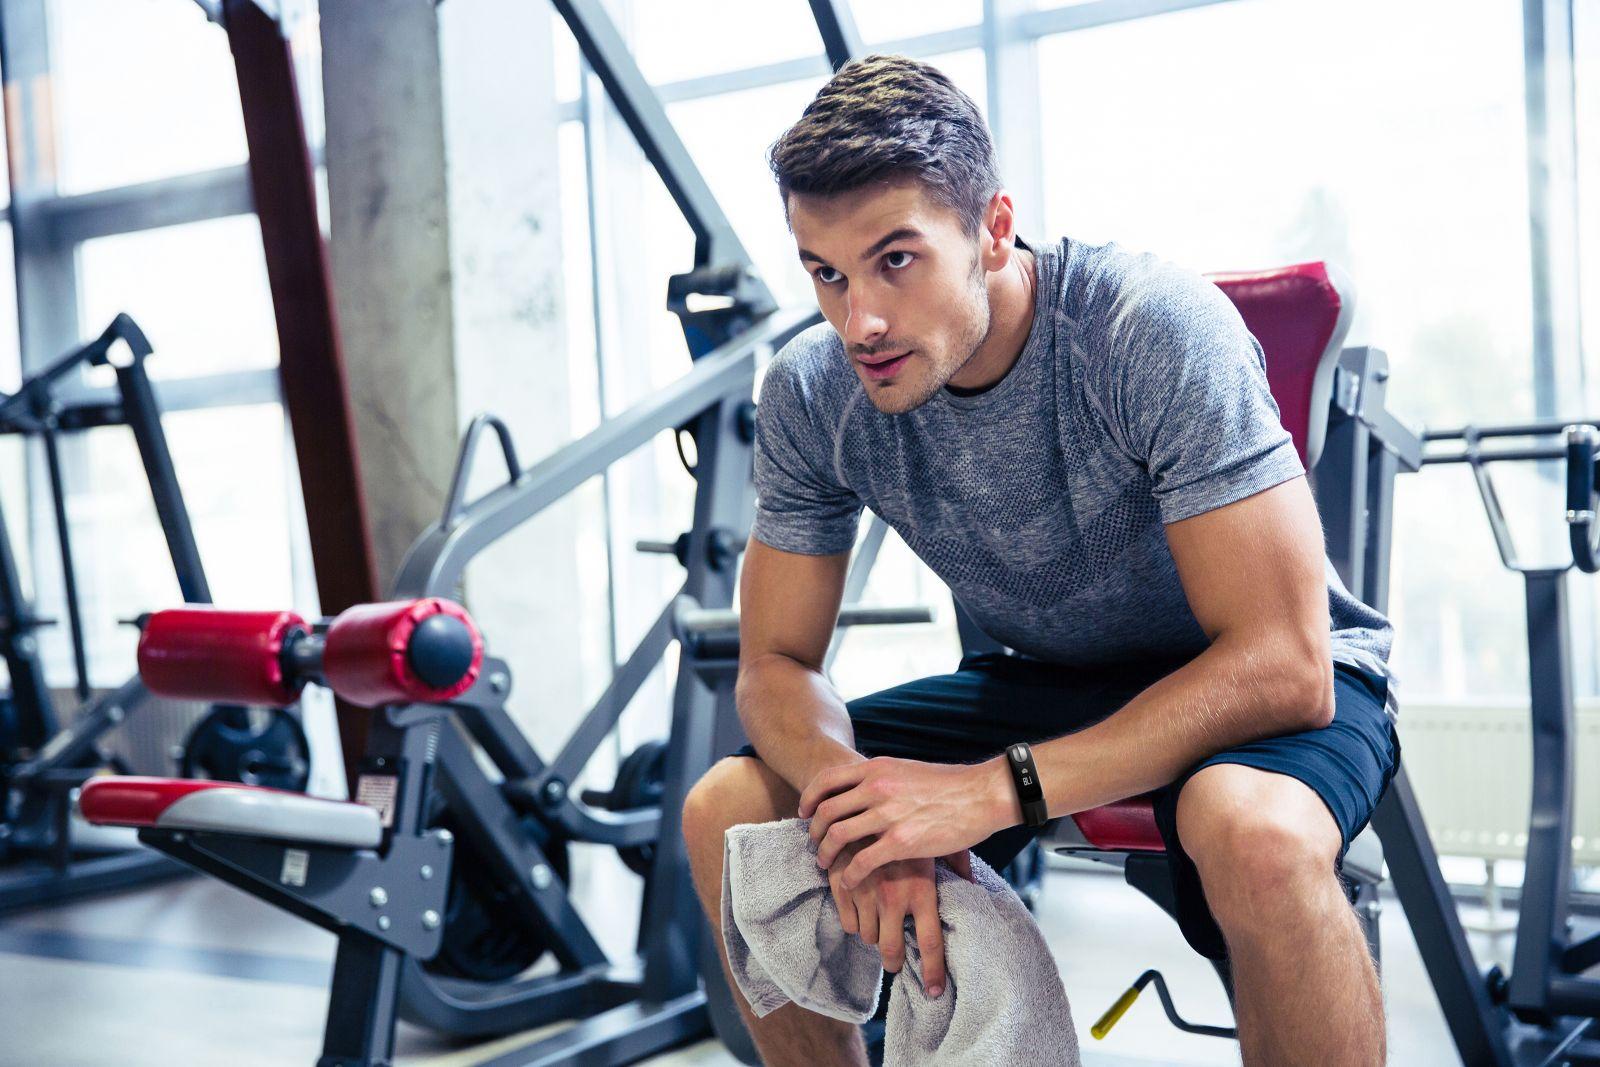 фото людей в спортзале ницце расположен один